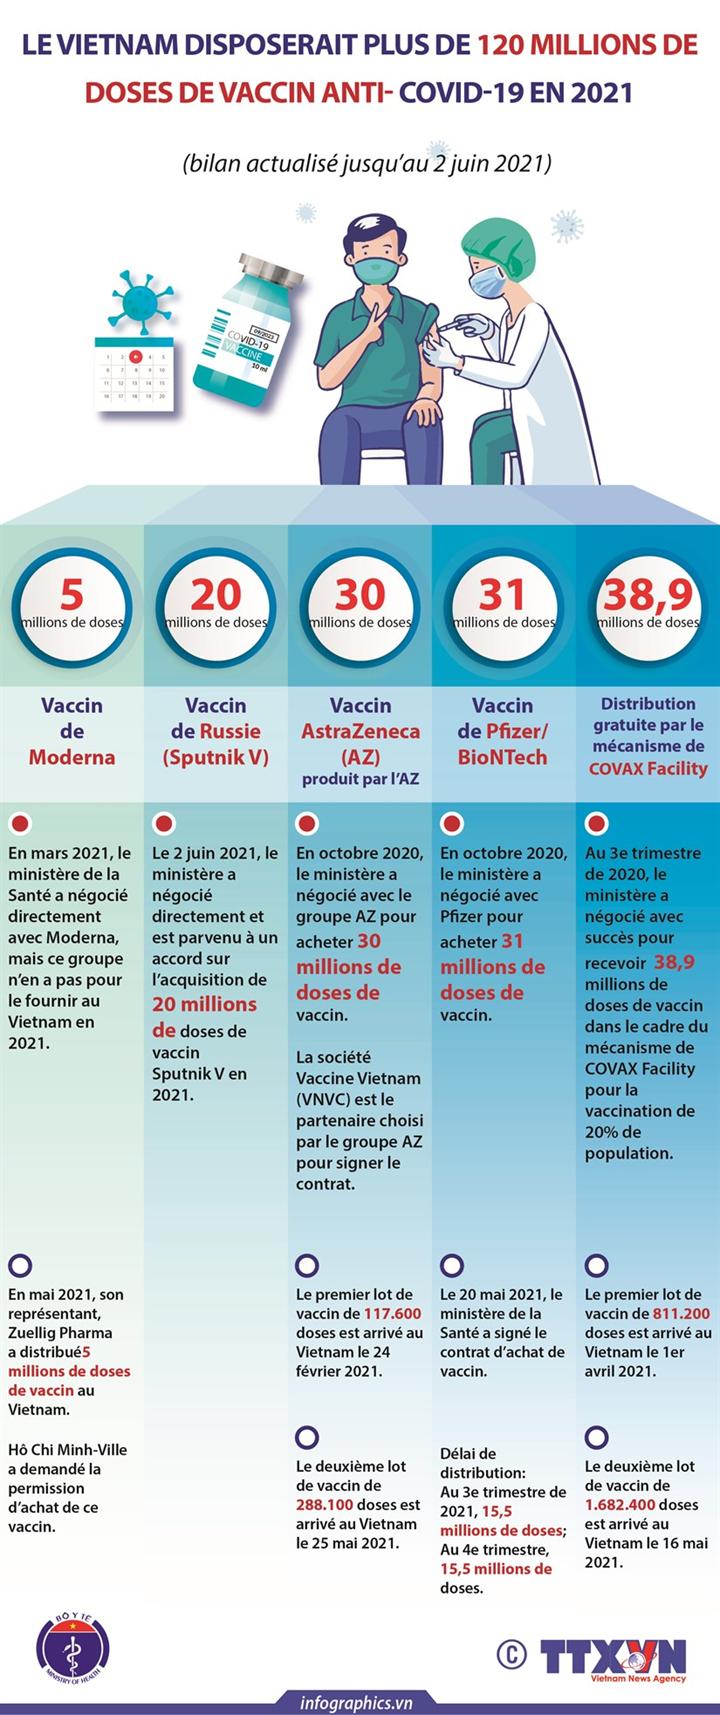 Le Vietnam disposerait plus de 120 millions de doses de vaccin anti- COVID-19 en 2021